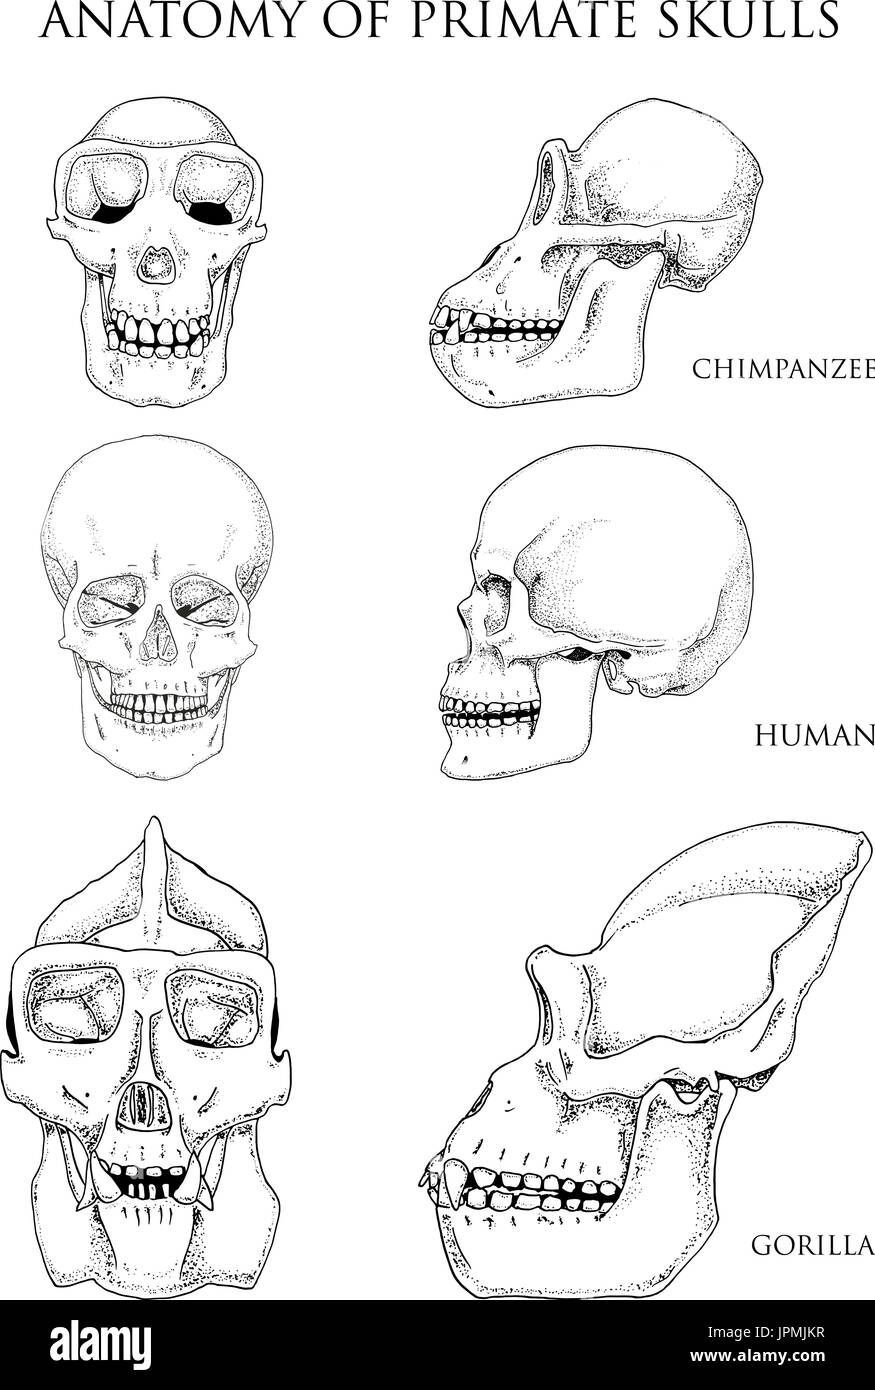 Human and chimpanzee, gorilla. biology and anatomy illustration ...